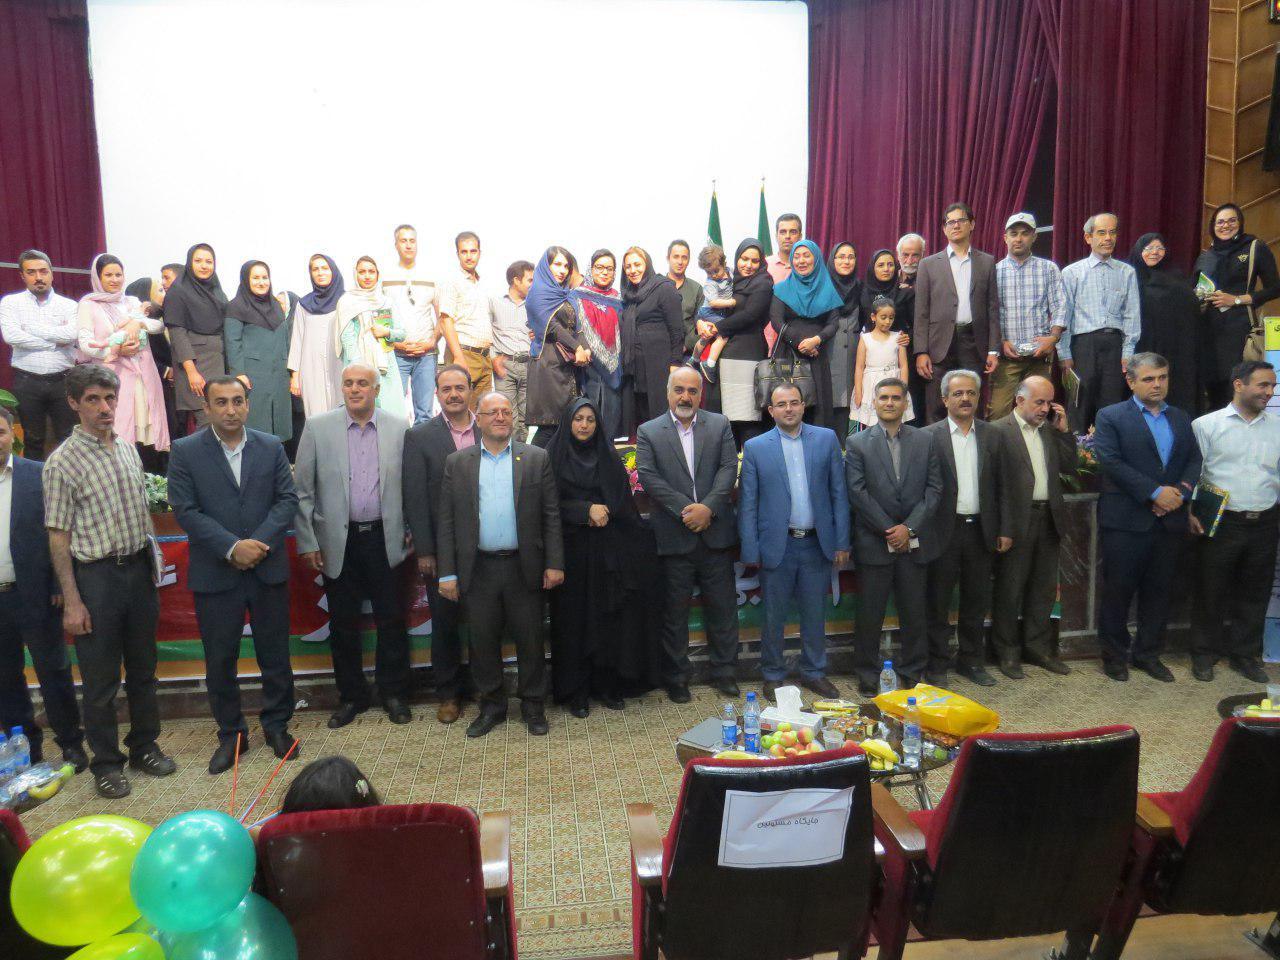 برگزاری مراسم جشن سالروز تأسیس نظام مهندسی کشاورزی و منابع طبیعی در استان قزوین